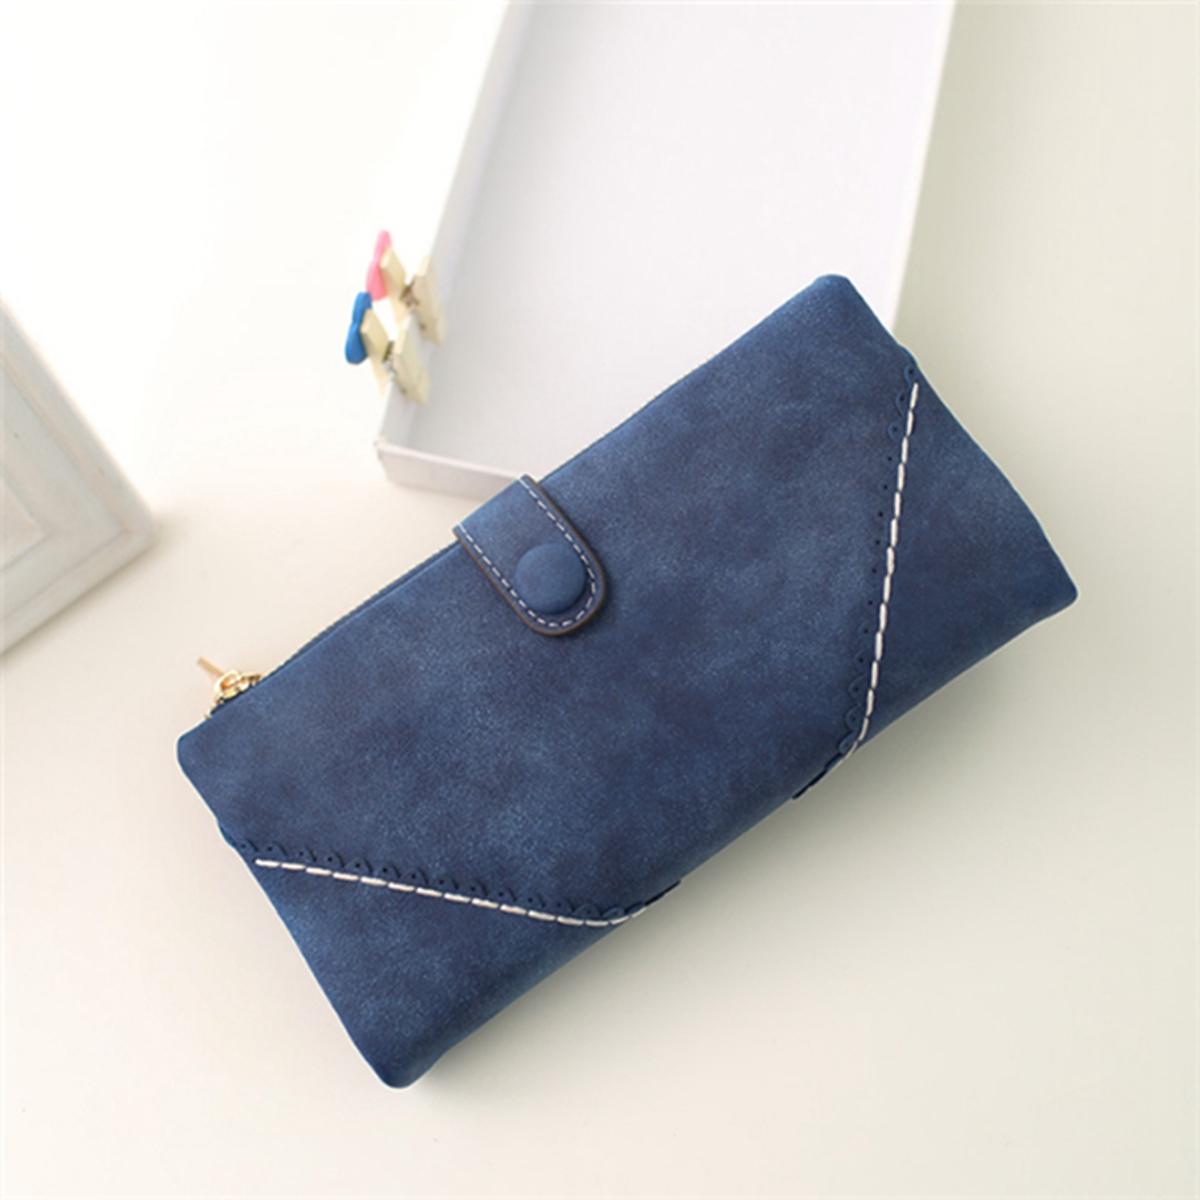 Sac portefeuille longue embrayage pu cuir porte monnaie carte pochette femme ebay - Portefeuille porte monnaie ...